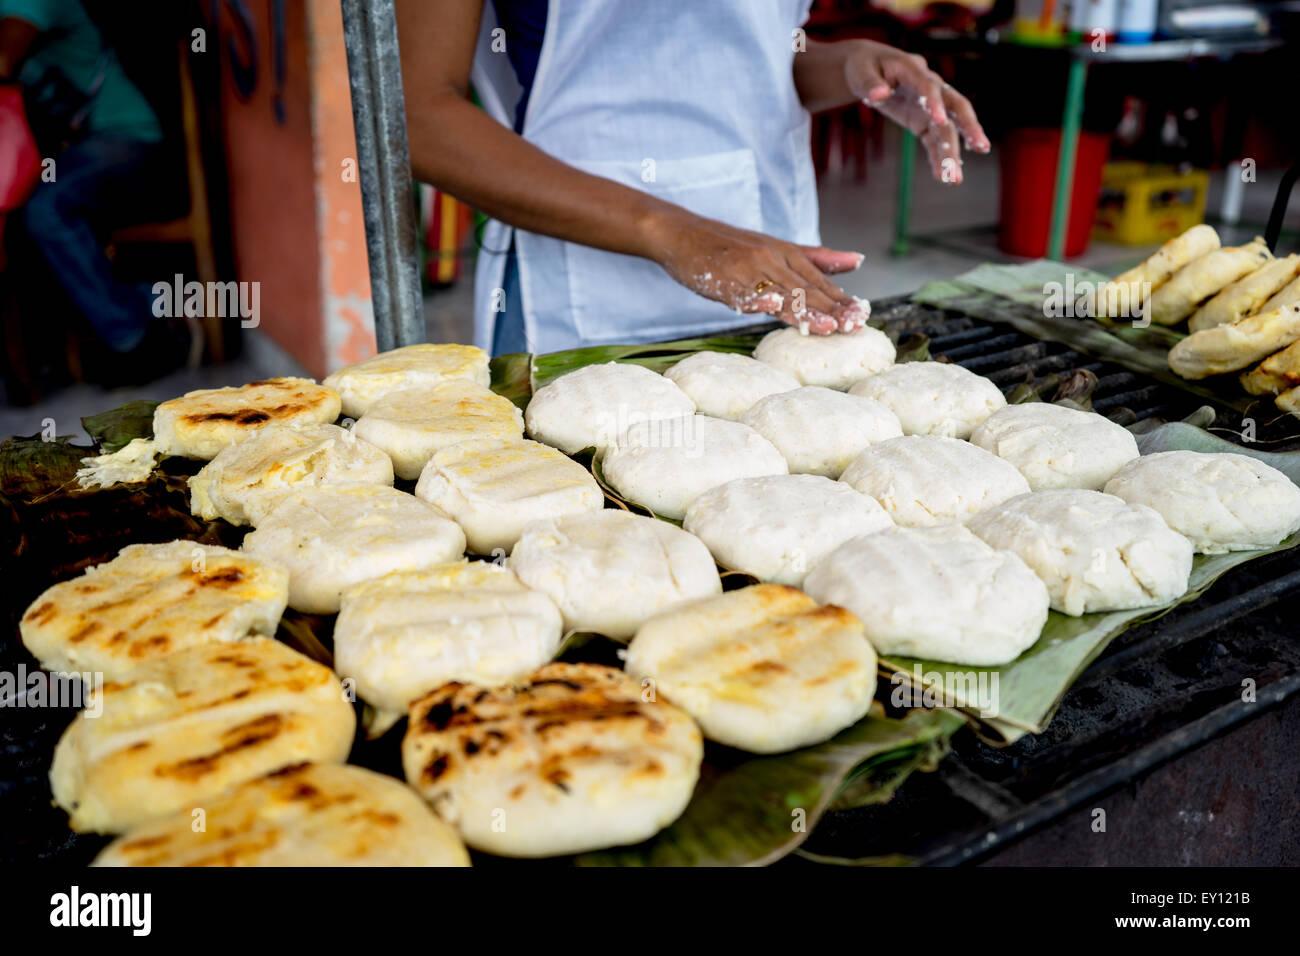 South American Food Vendor Stockfotos & South American Food Vendor ...